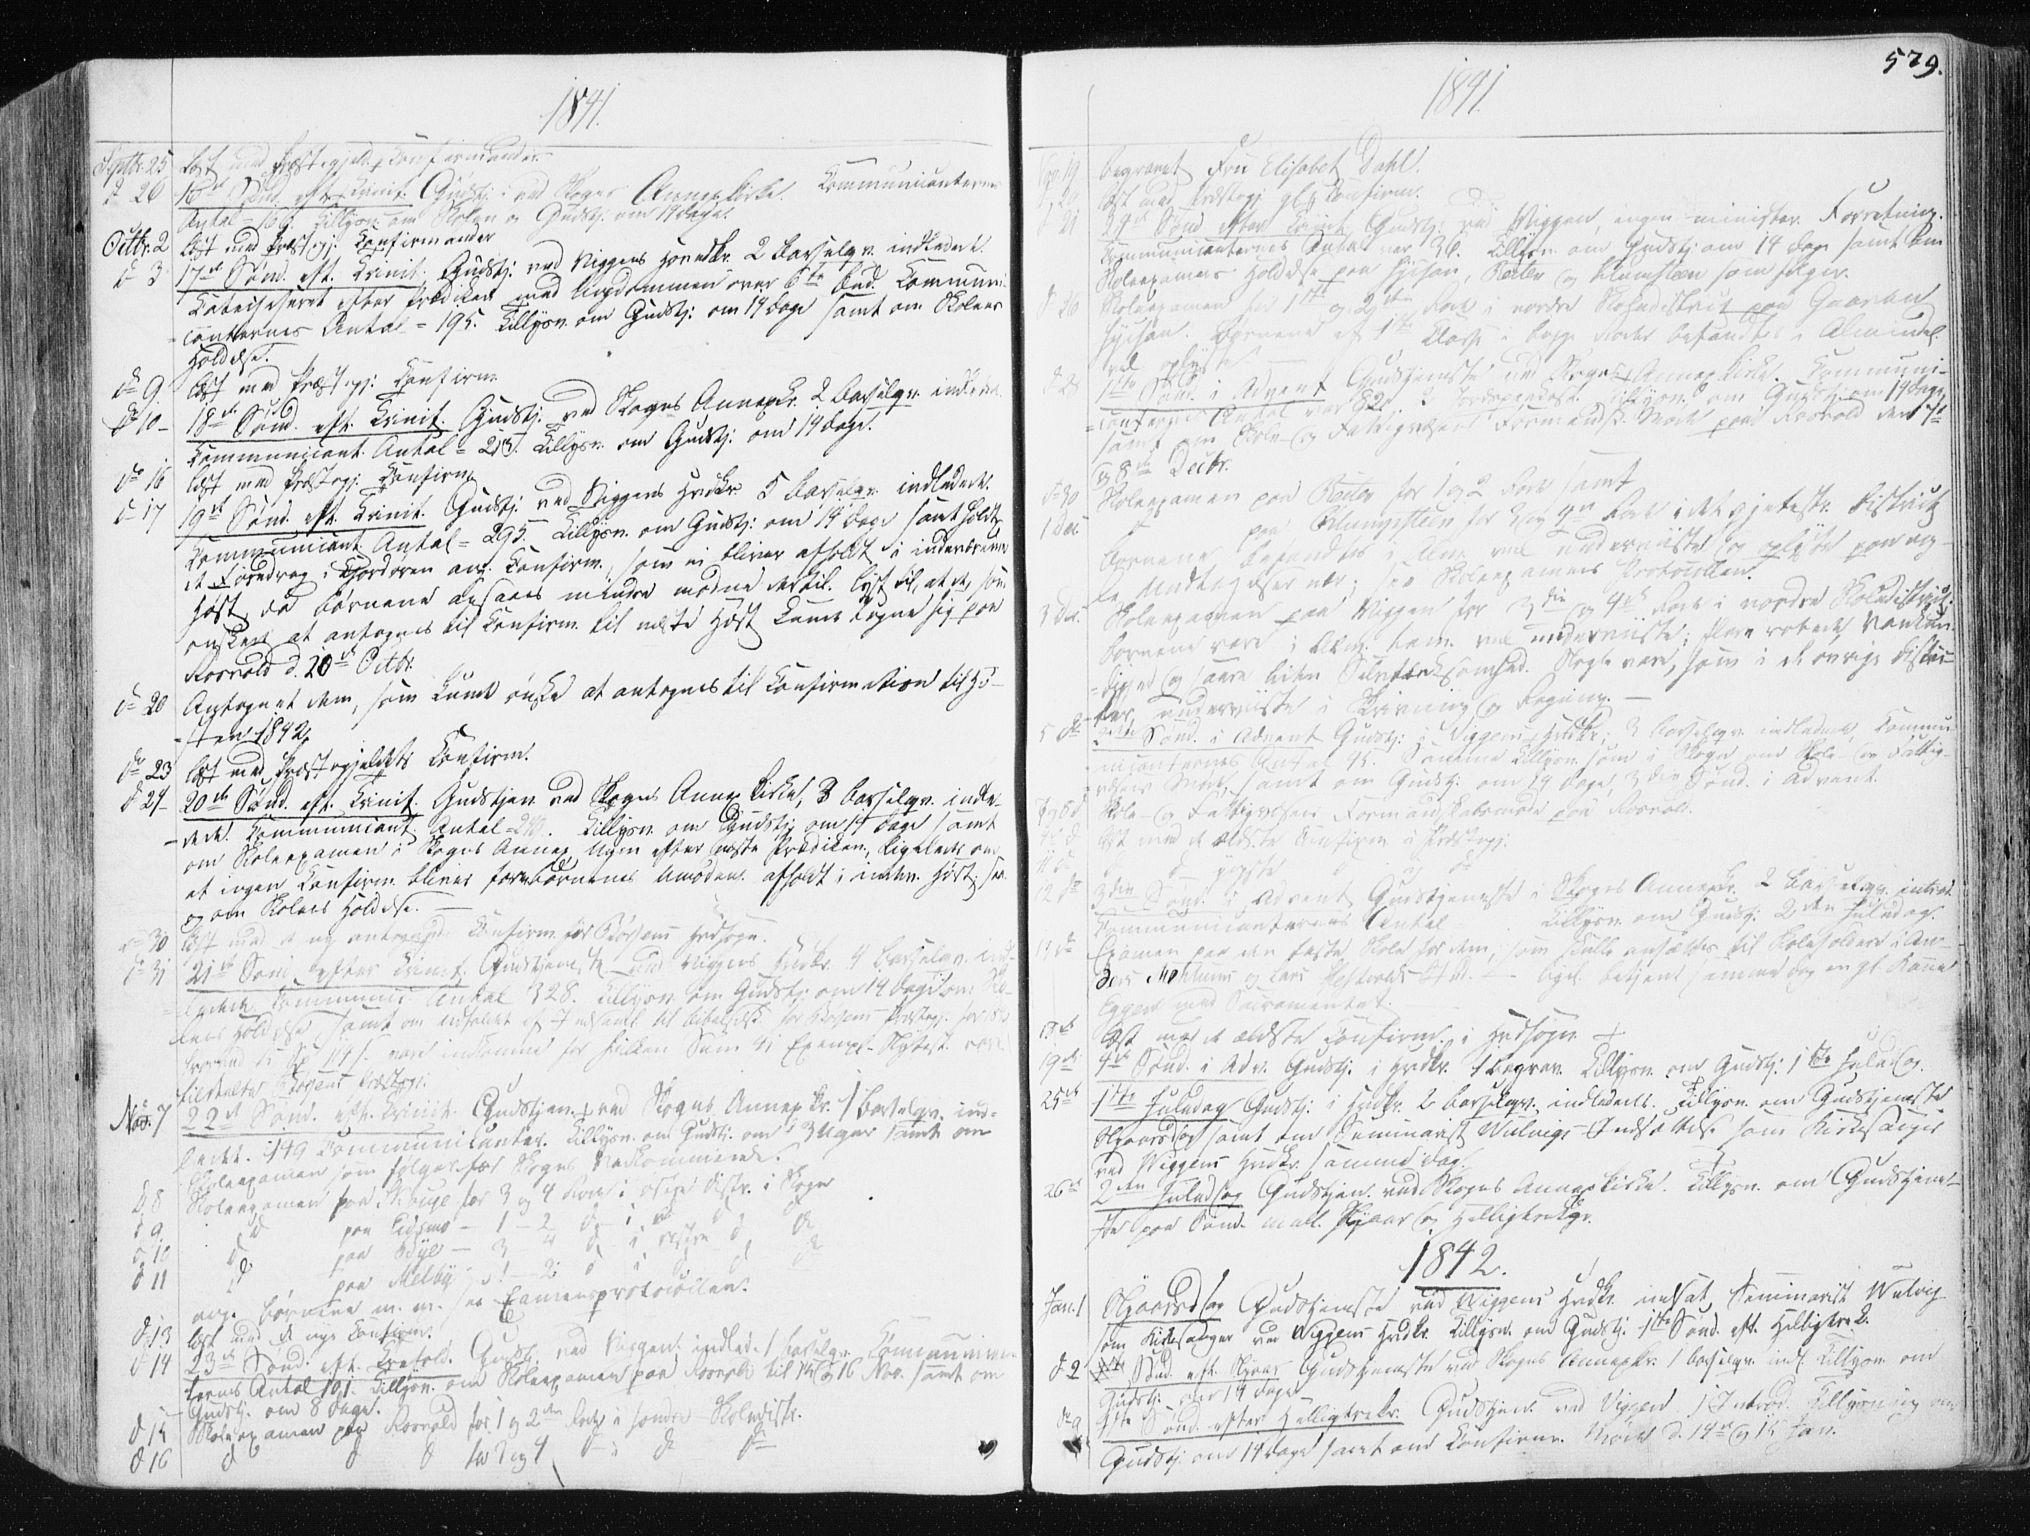 SAT, Ministerialprotokoller, klokkerbøker og fødselsregistre - Sør-Trøndelag, 665/L0771: Ministerialbok nr. 665A06, 1830-1856, s. 579